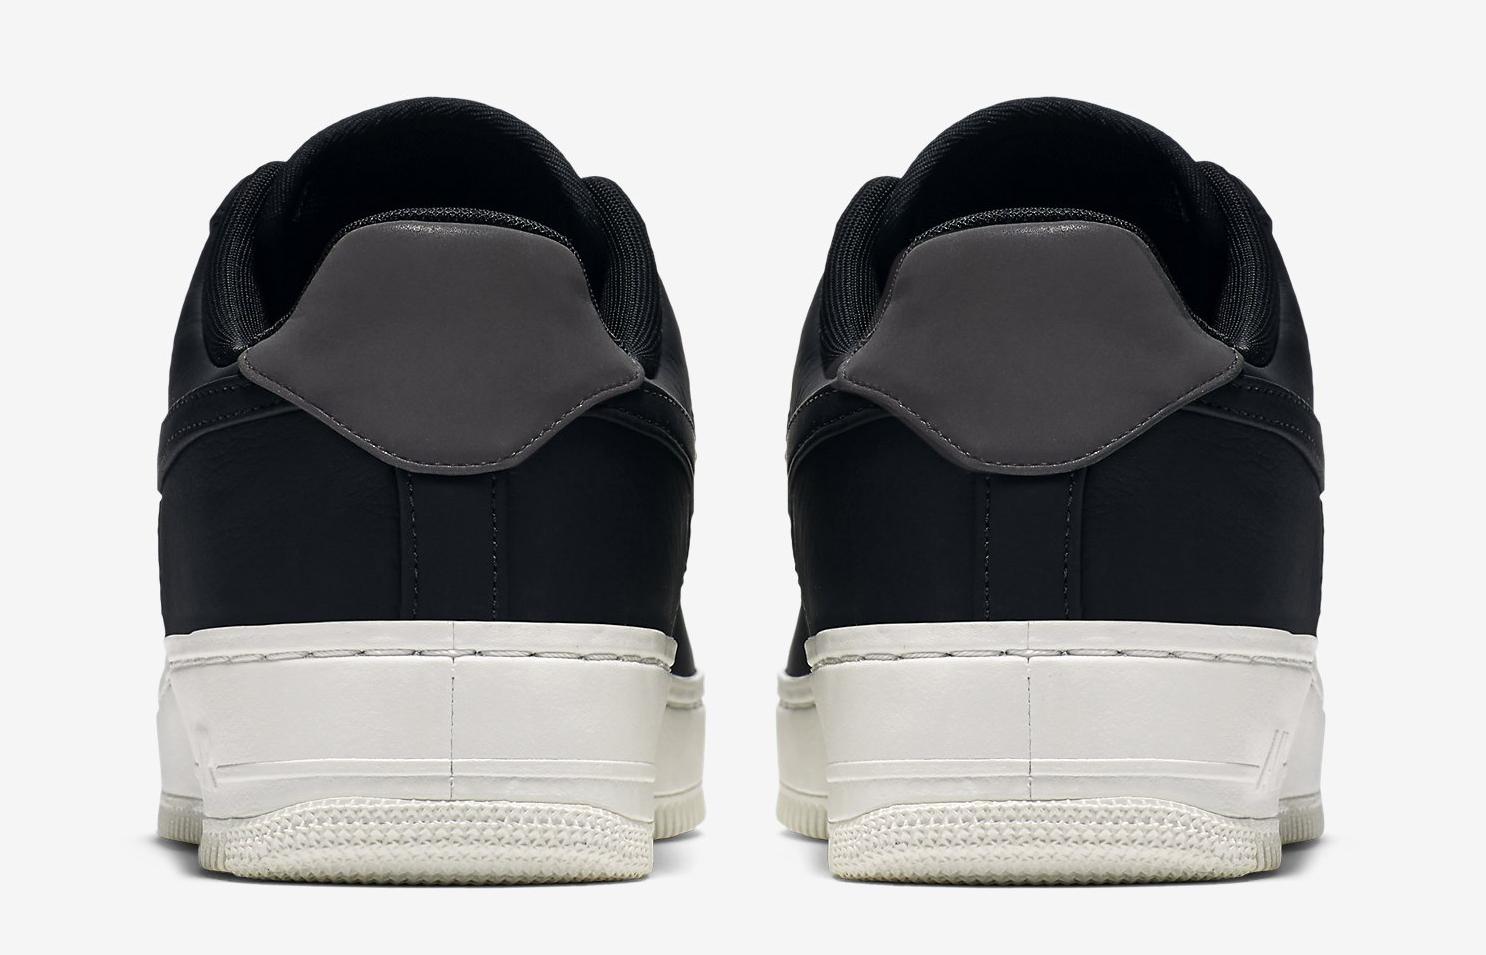 nike-air-force-1-low-black-905618-001-heel